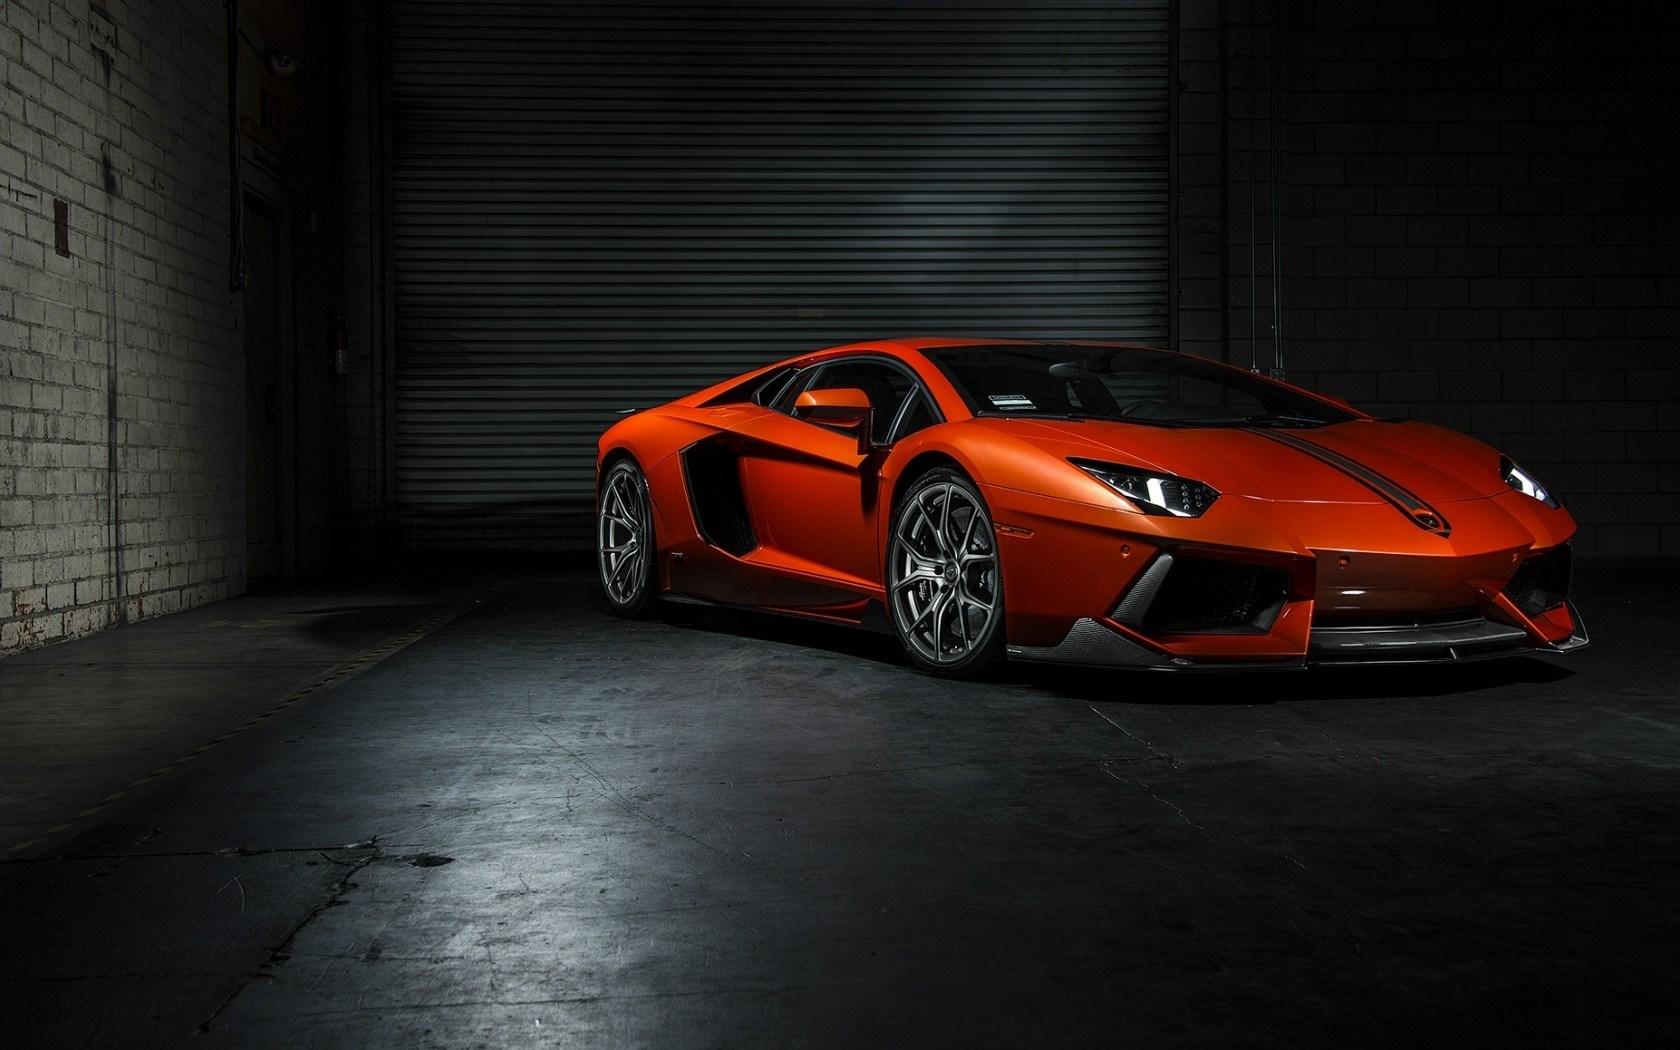 Lamborghini Aventador LP 700-4 Vorsteiner Tuning Car Orange Front Right